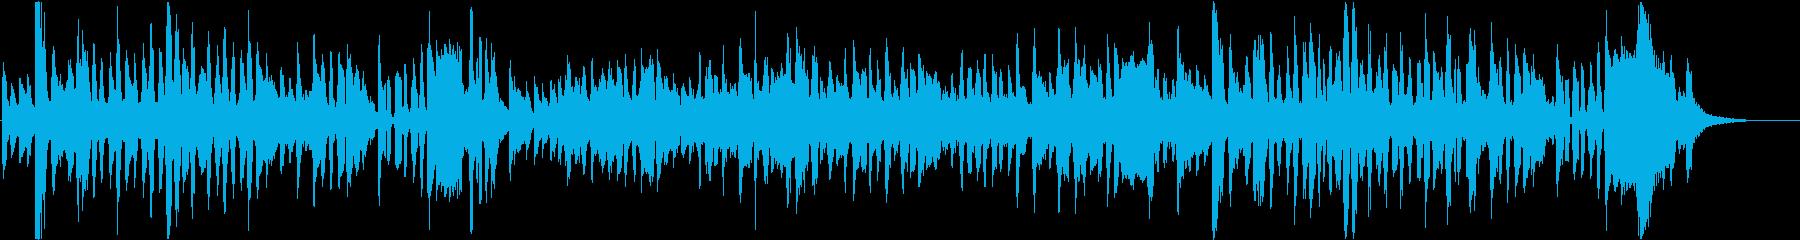 父の日をテーマにした楽曲の再生済みの波形